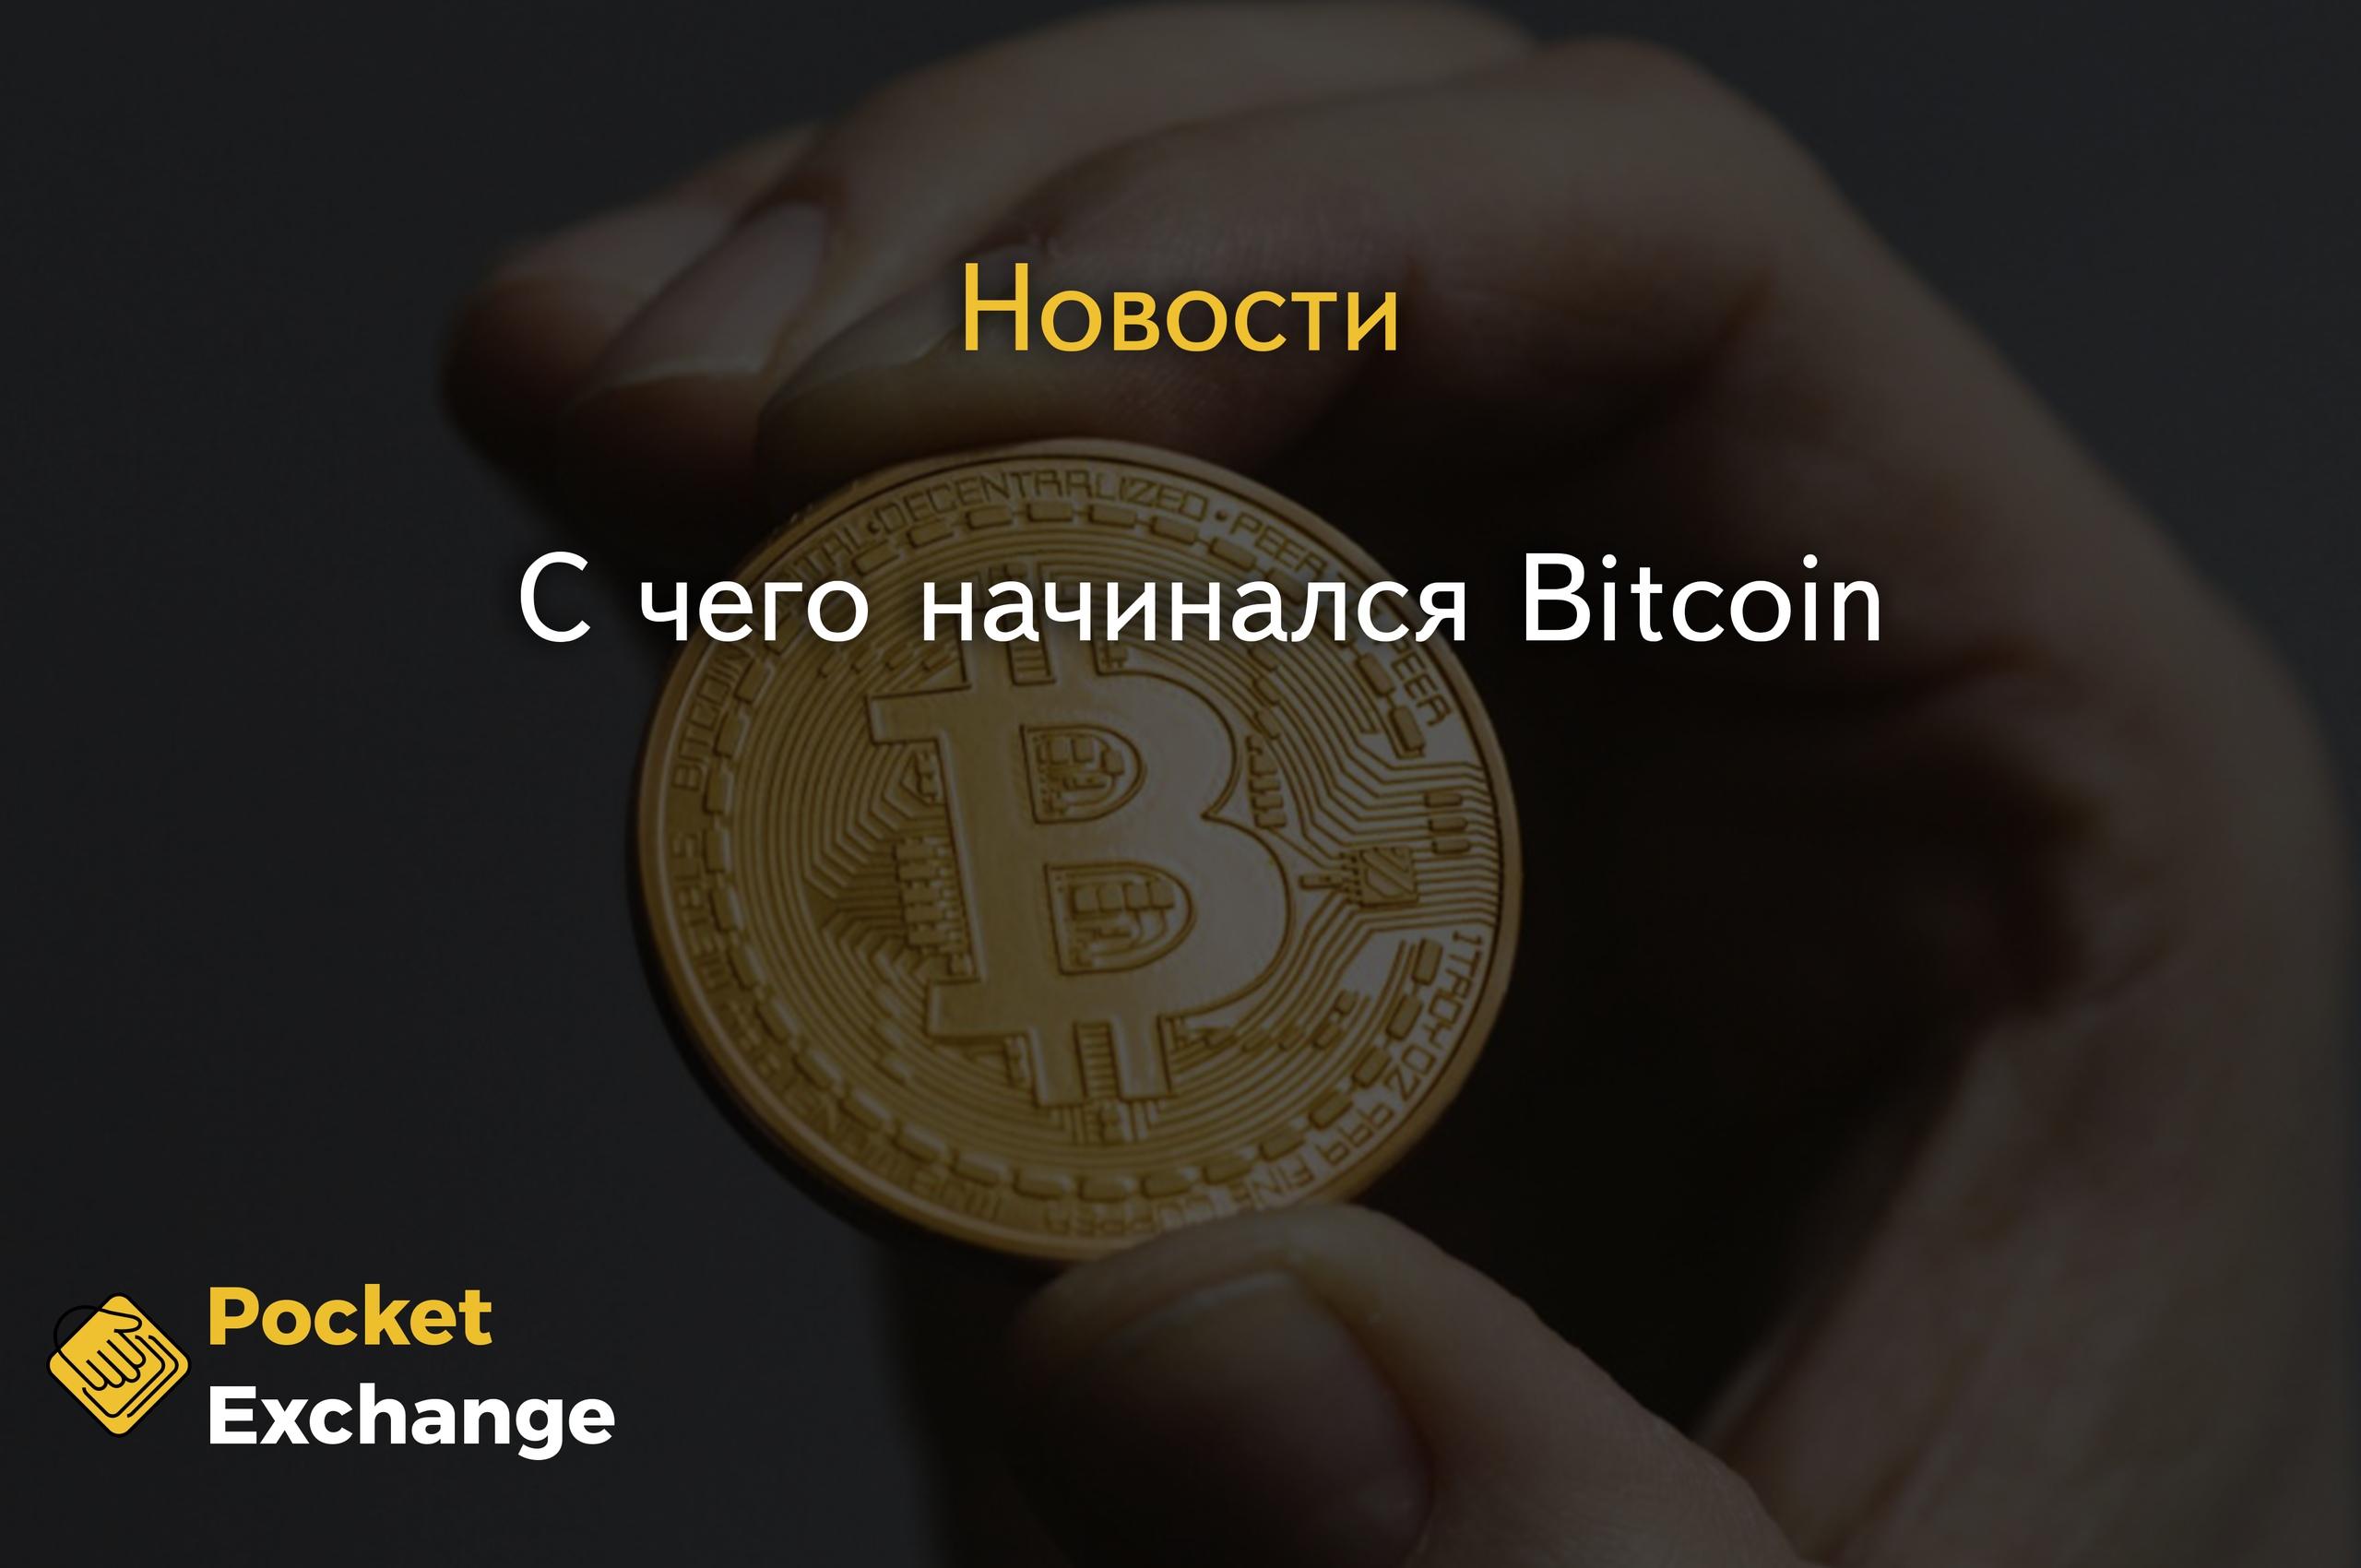 Когда появилась валюта биткоин делать биткоины выгодно